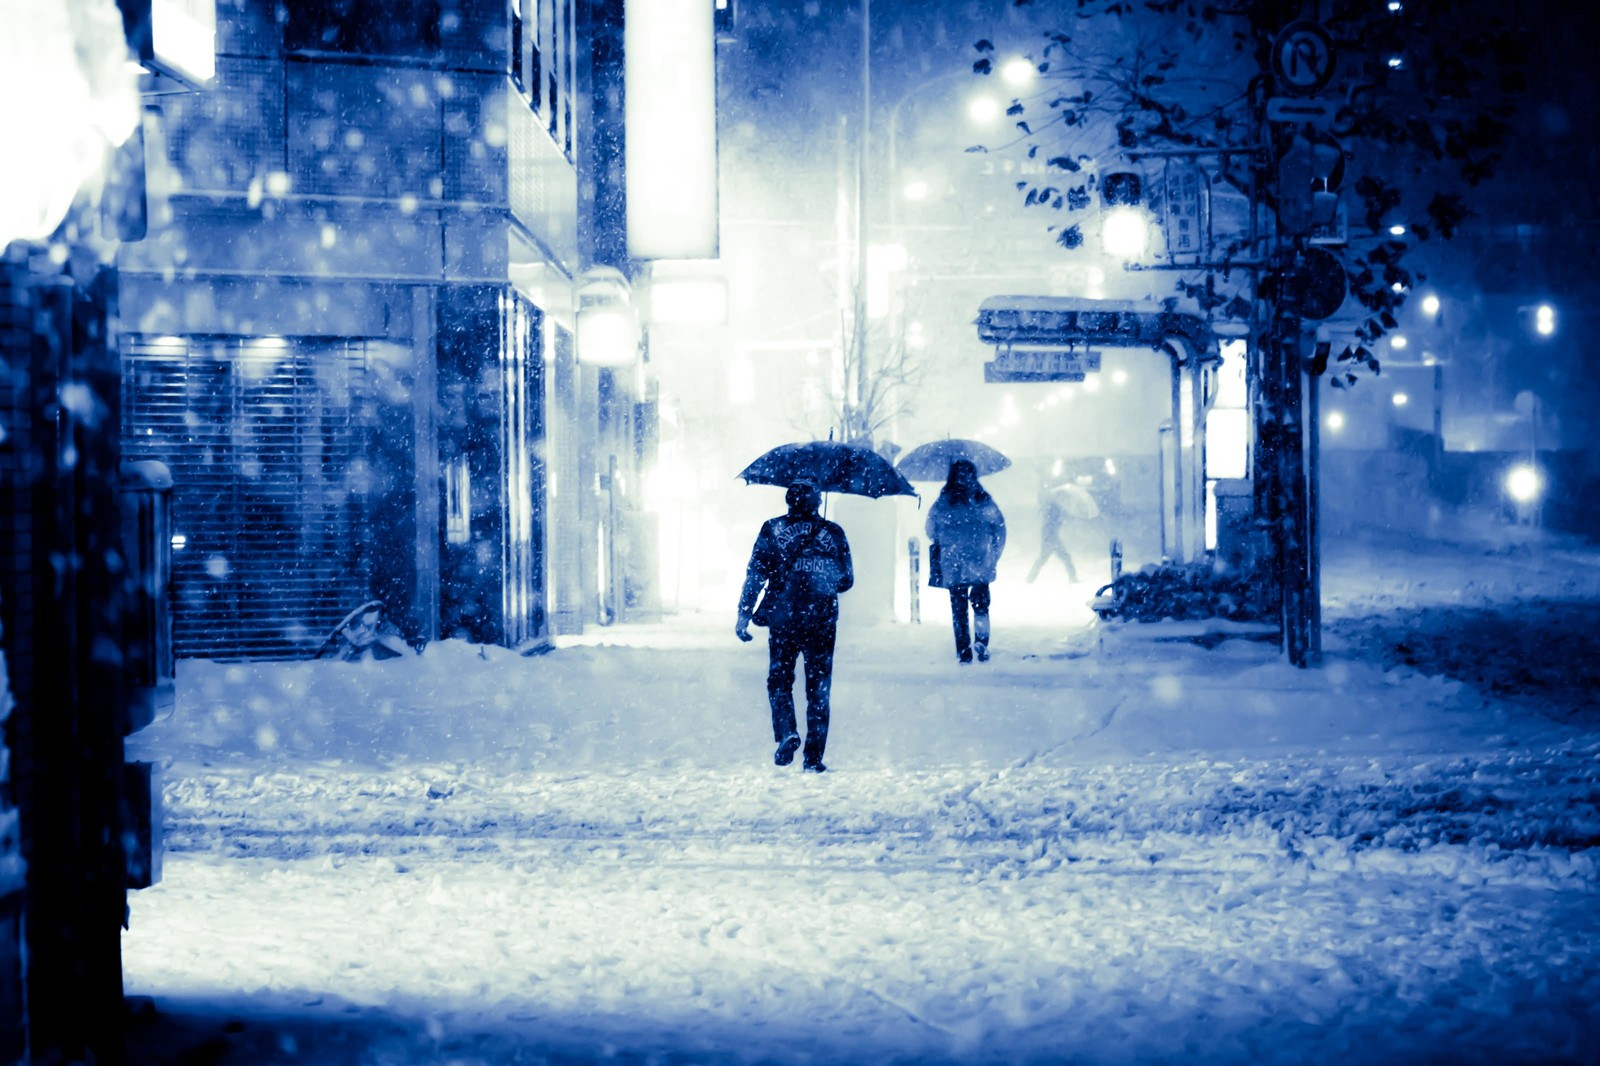 天気の子の雪が降るシーンの効果